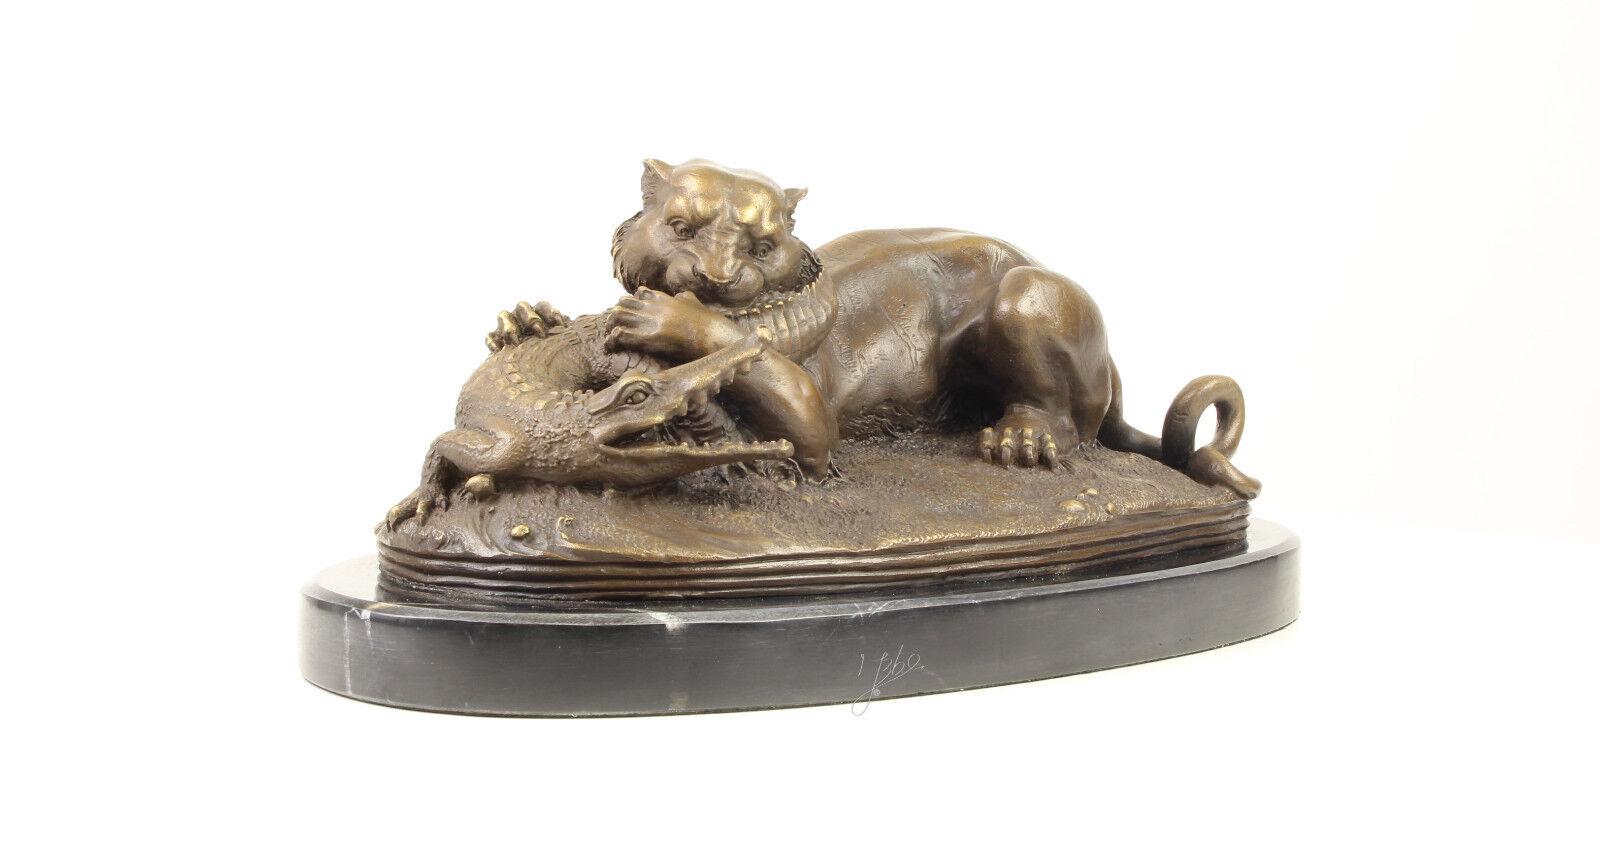 9937520-dss escultura de bronce personaje león lucha con cocodrilo 18x35cm